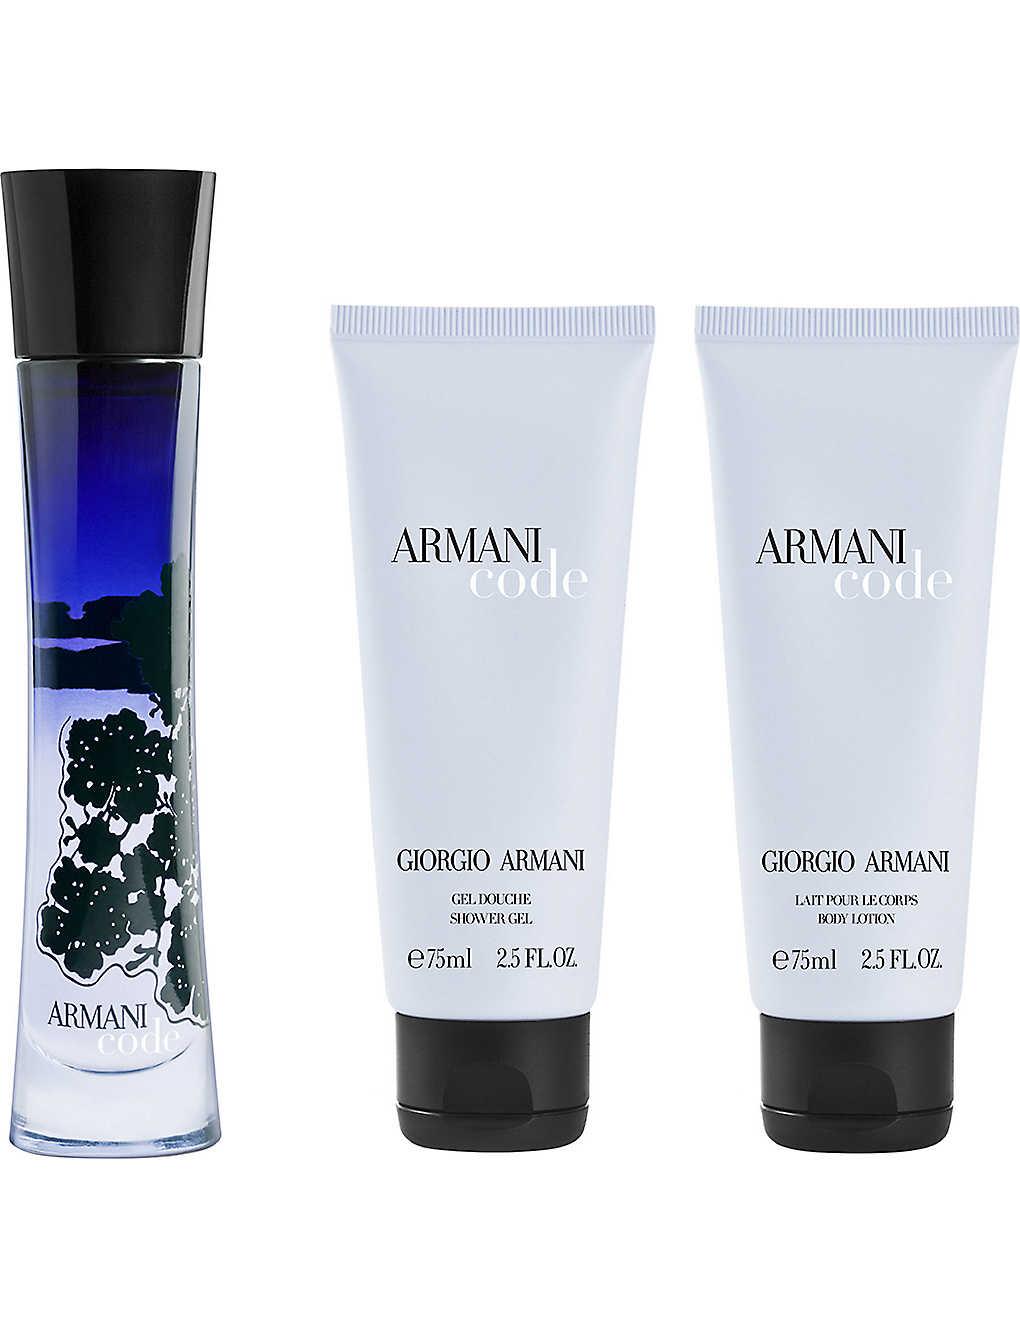 Giorgio Armani Armani Code Femme Eau De Parfum 50ml Gift Set